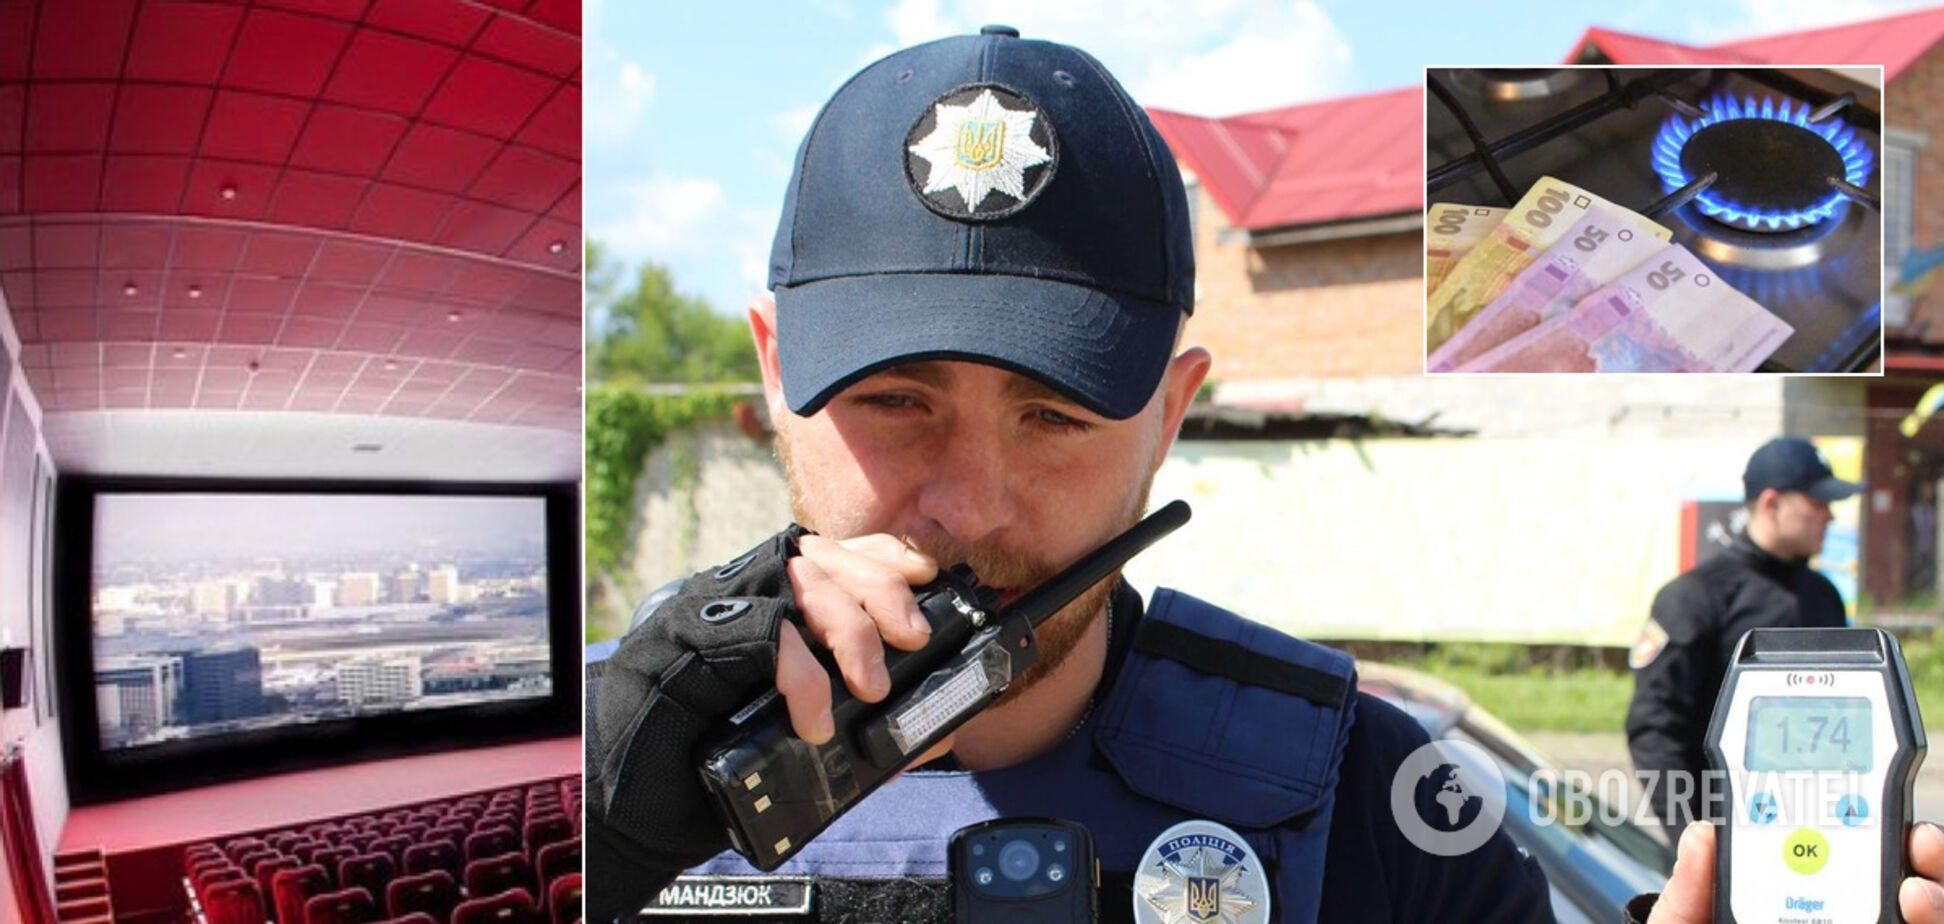 Повышение пенсии и уголовная ответственность для пьяных водителей: что изменится в Украине с 1 июля